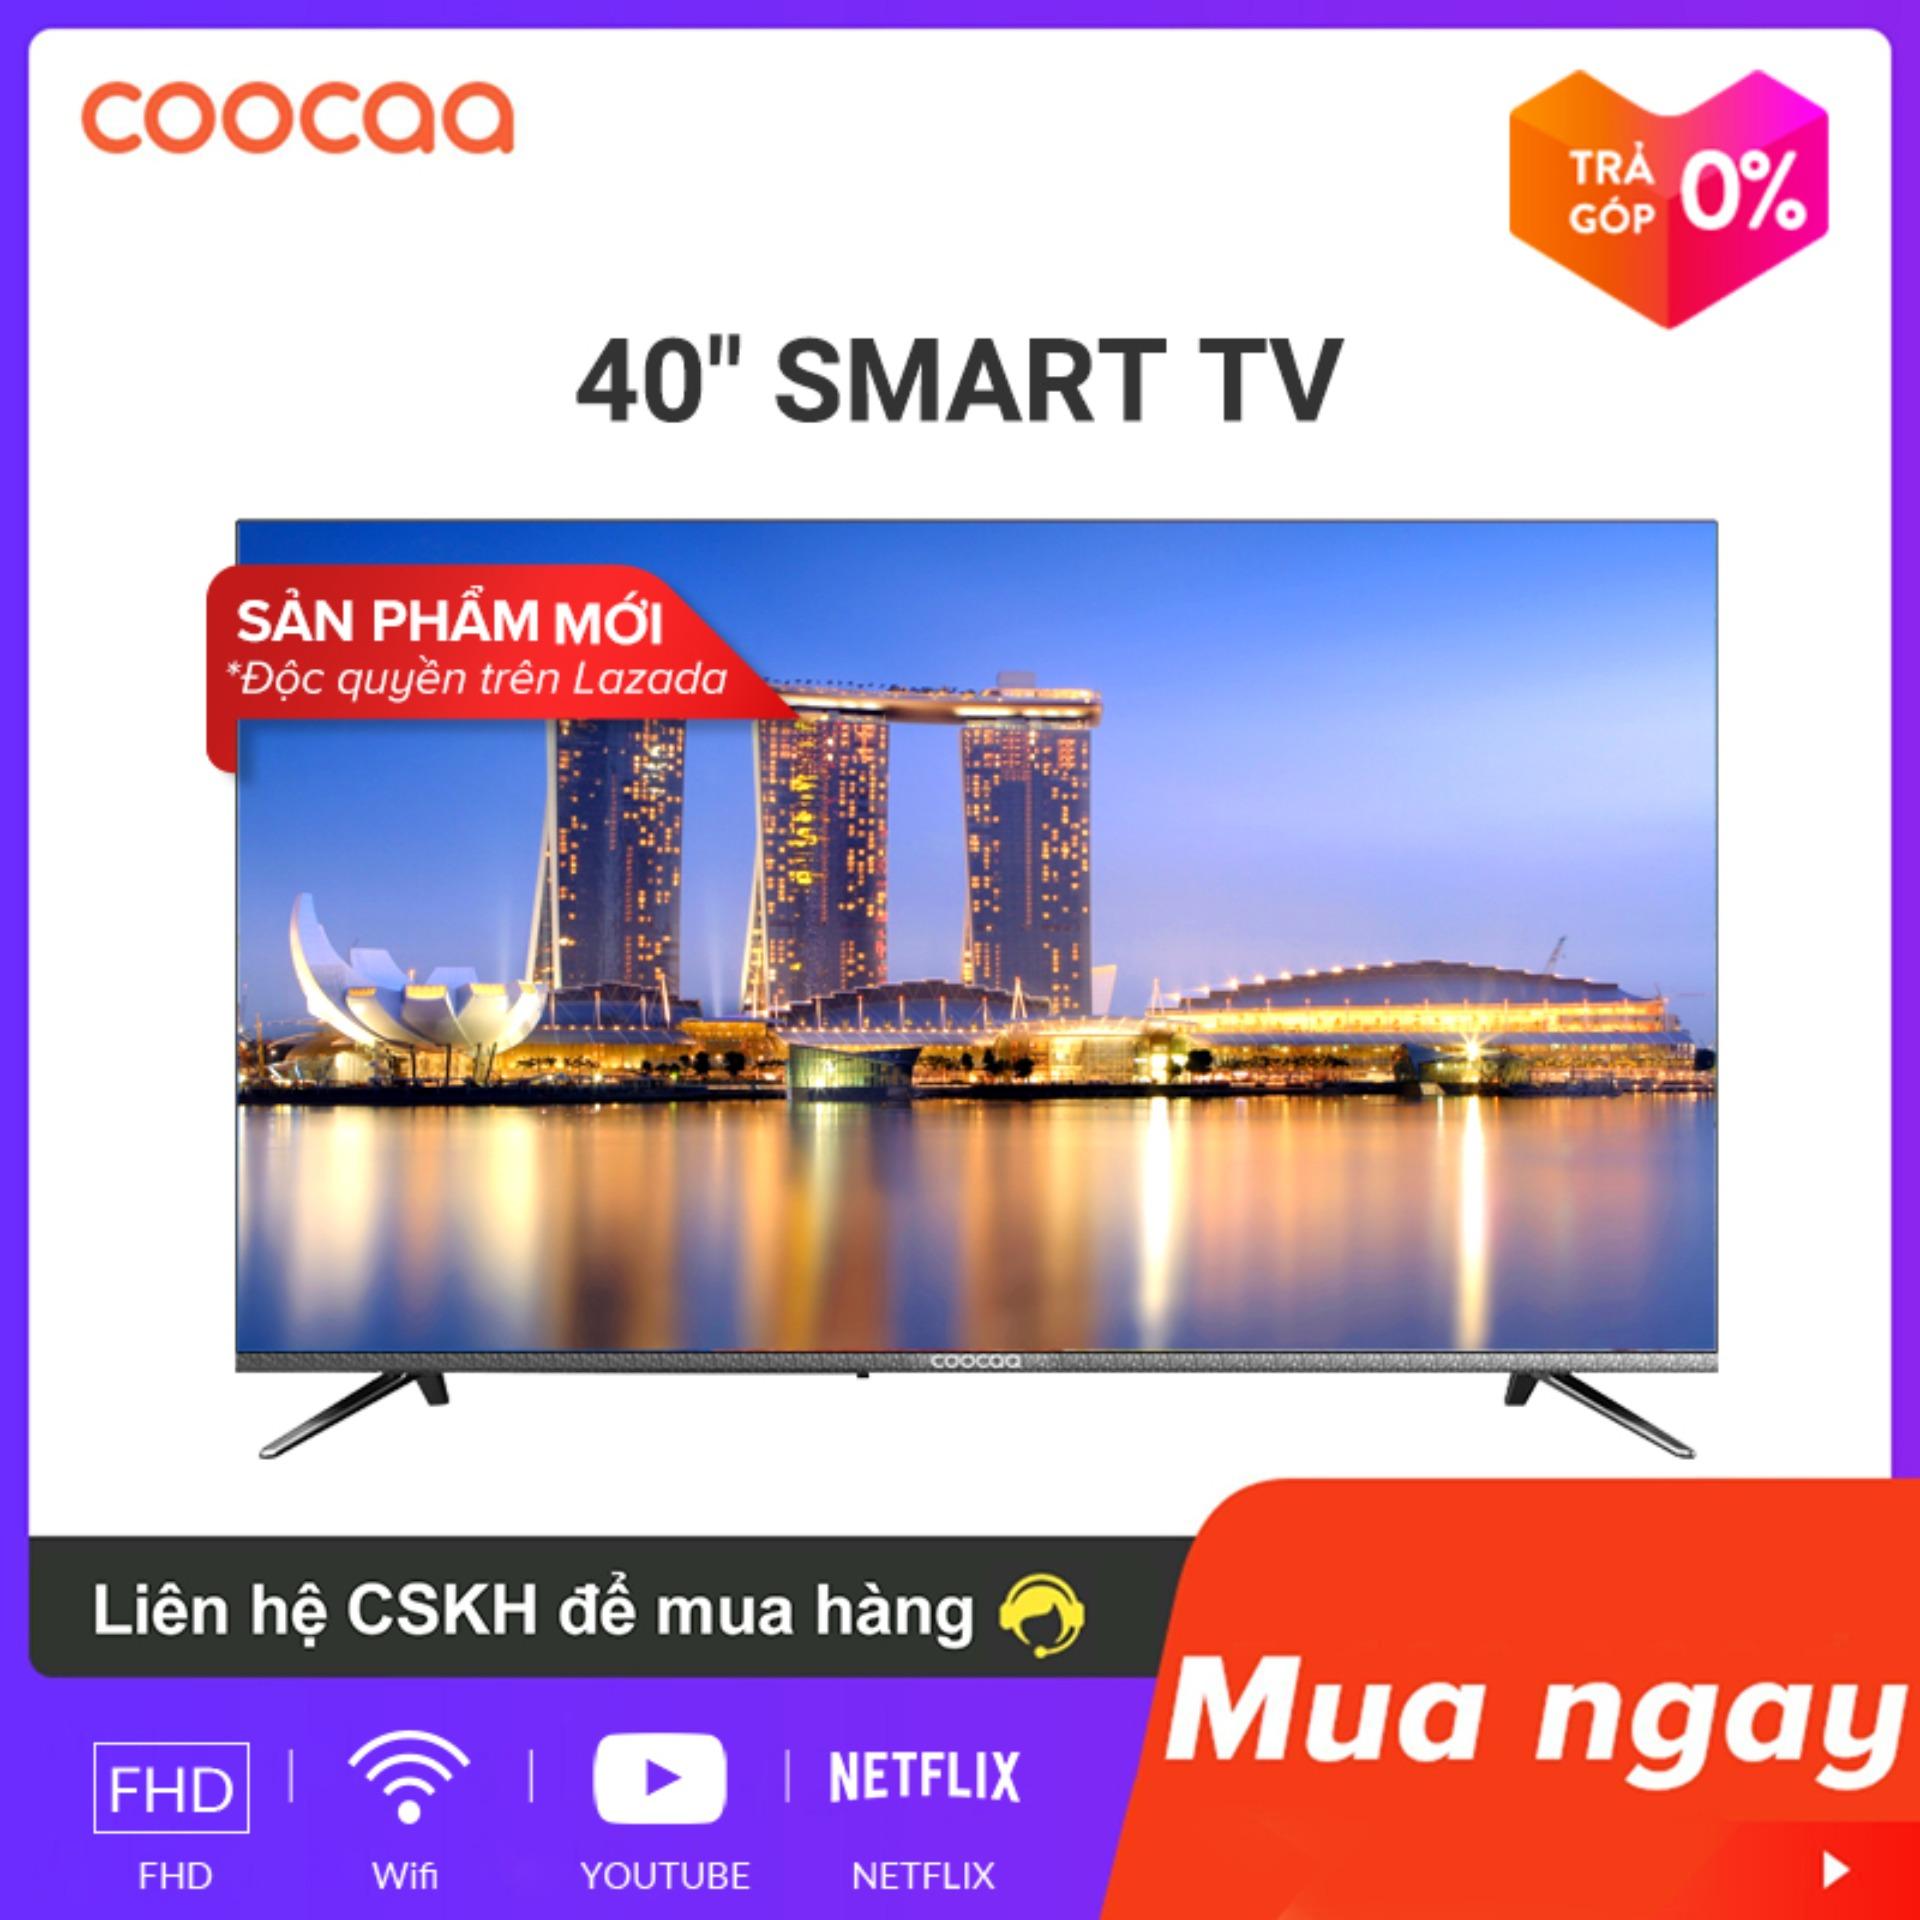 [Hàng mới về] SMART TV Full HD Coocaa 40 inch tivi - Tràn viền - Model 40S3N (Bạc) - 43 Chân viền kim loại tivi giá rẻ nhất